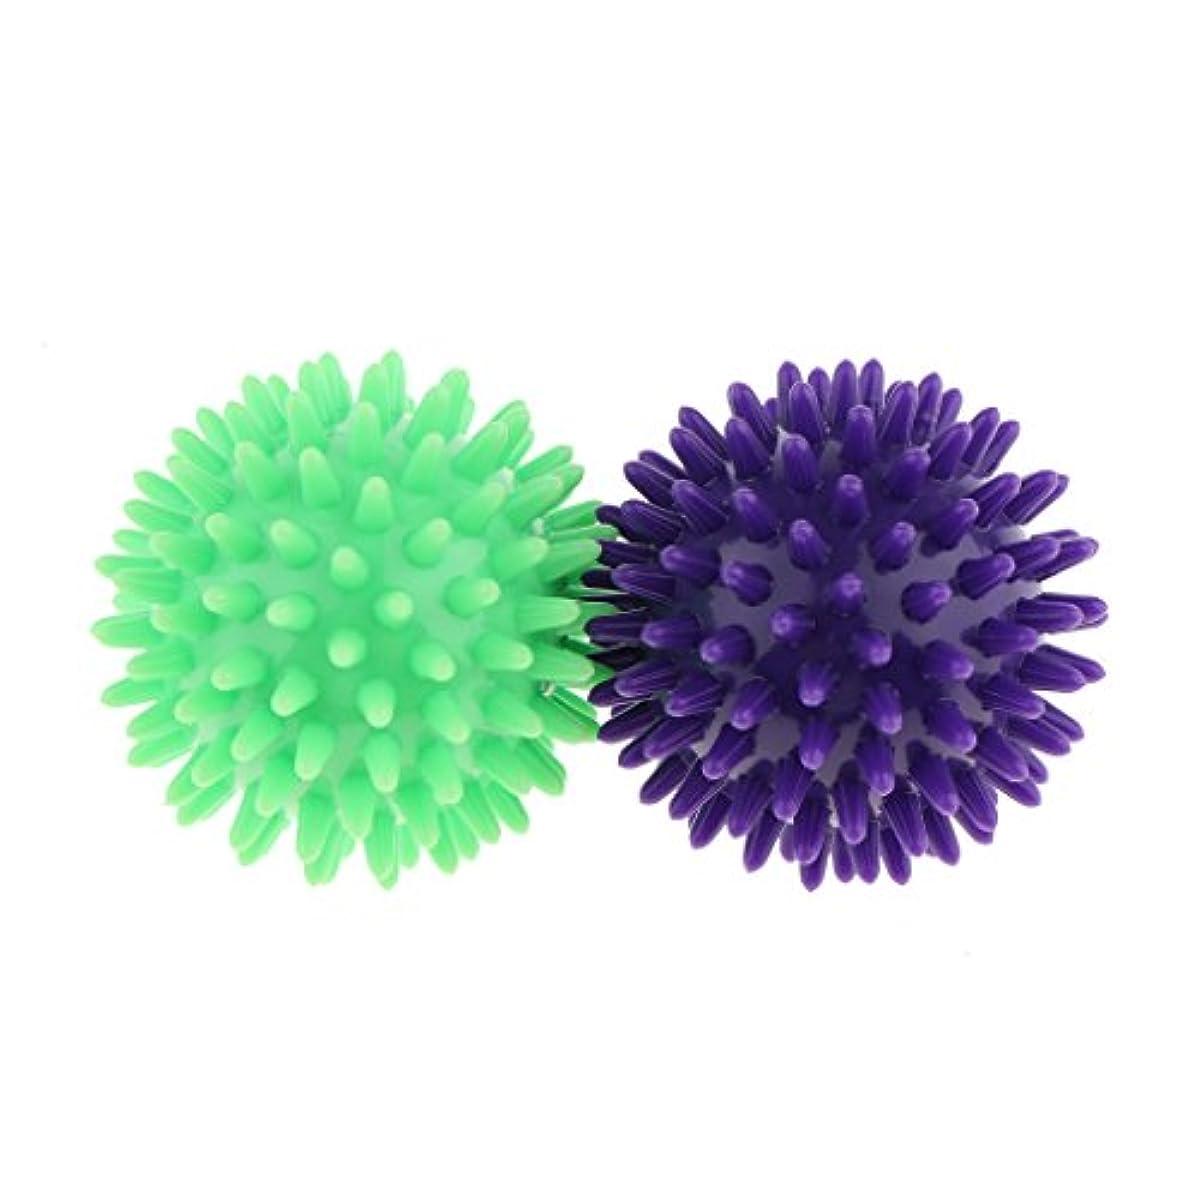 メリー計り知れないみなすマッサージボール スパイシー マッサージ ボール ボディトリガー ポイント 2個セット 3タイプ選べ - 紫ライトグリーン